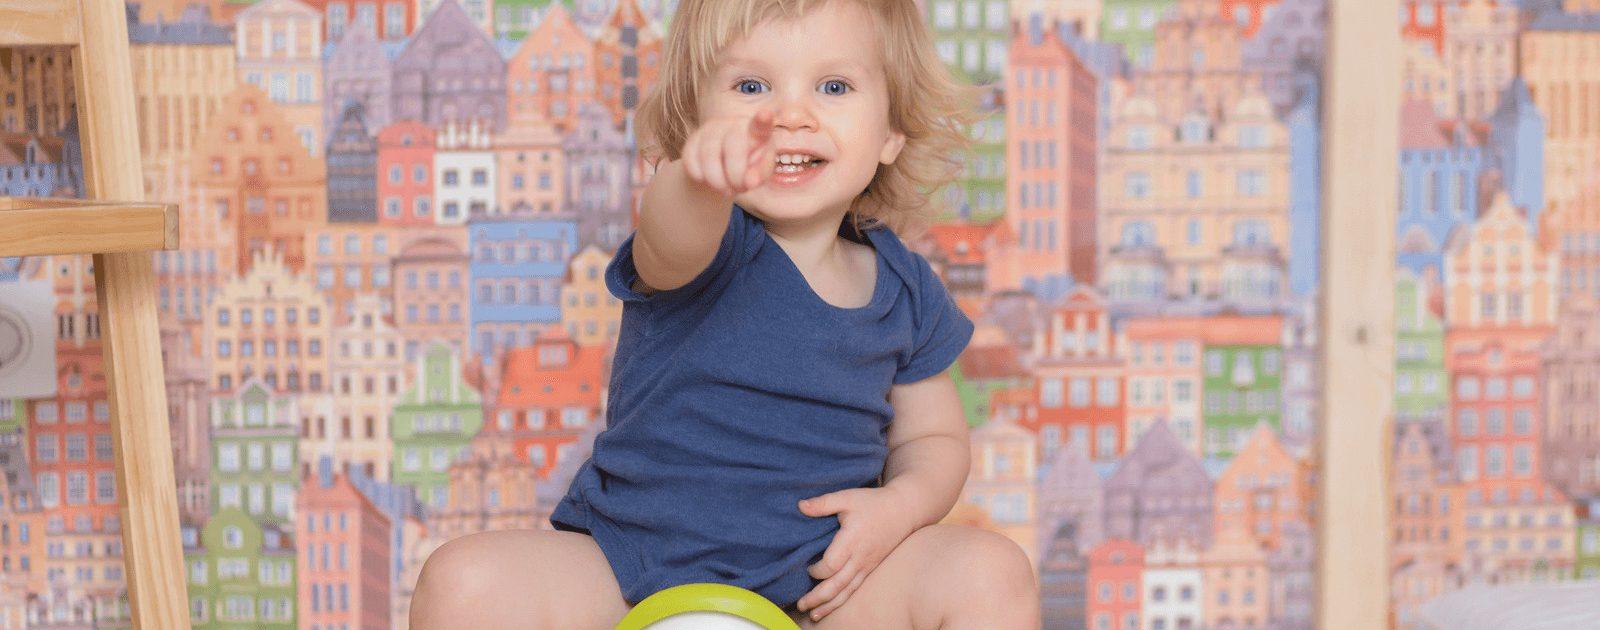 Durchfall bei Kindern kann durch die Umstellung auf feste Nahrung häufiger vorkommen